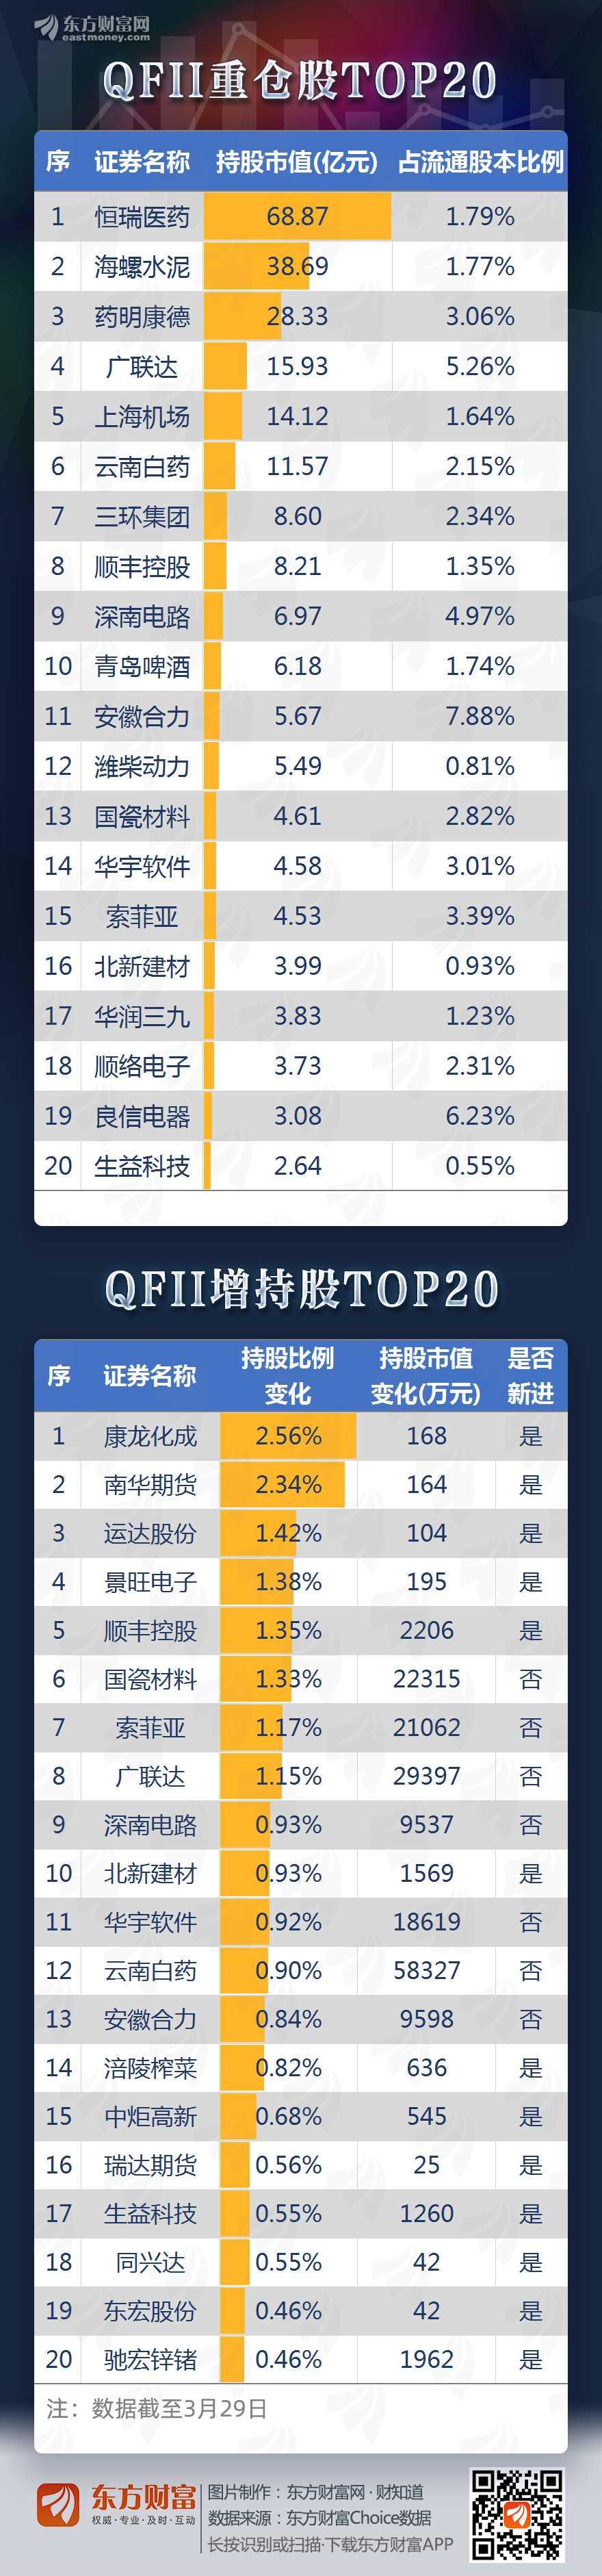 图说:QFII最新增持数据揭晓!这些公司受外资偏爱